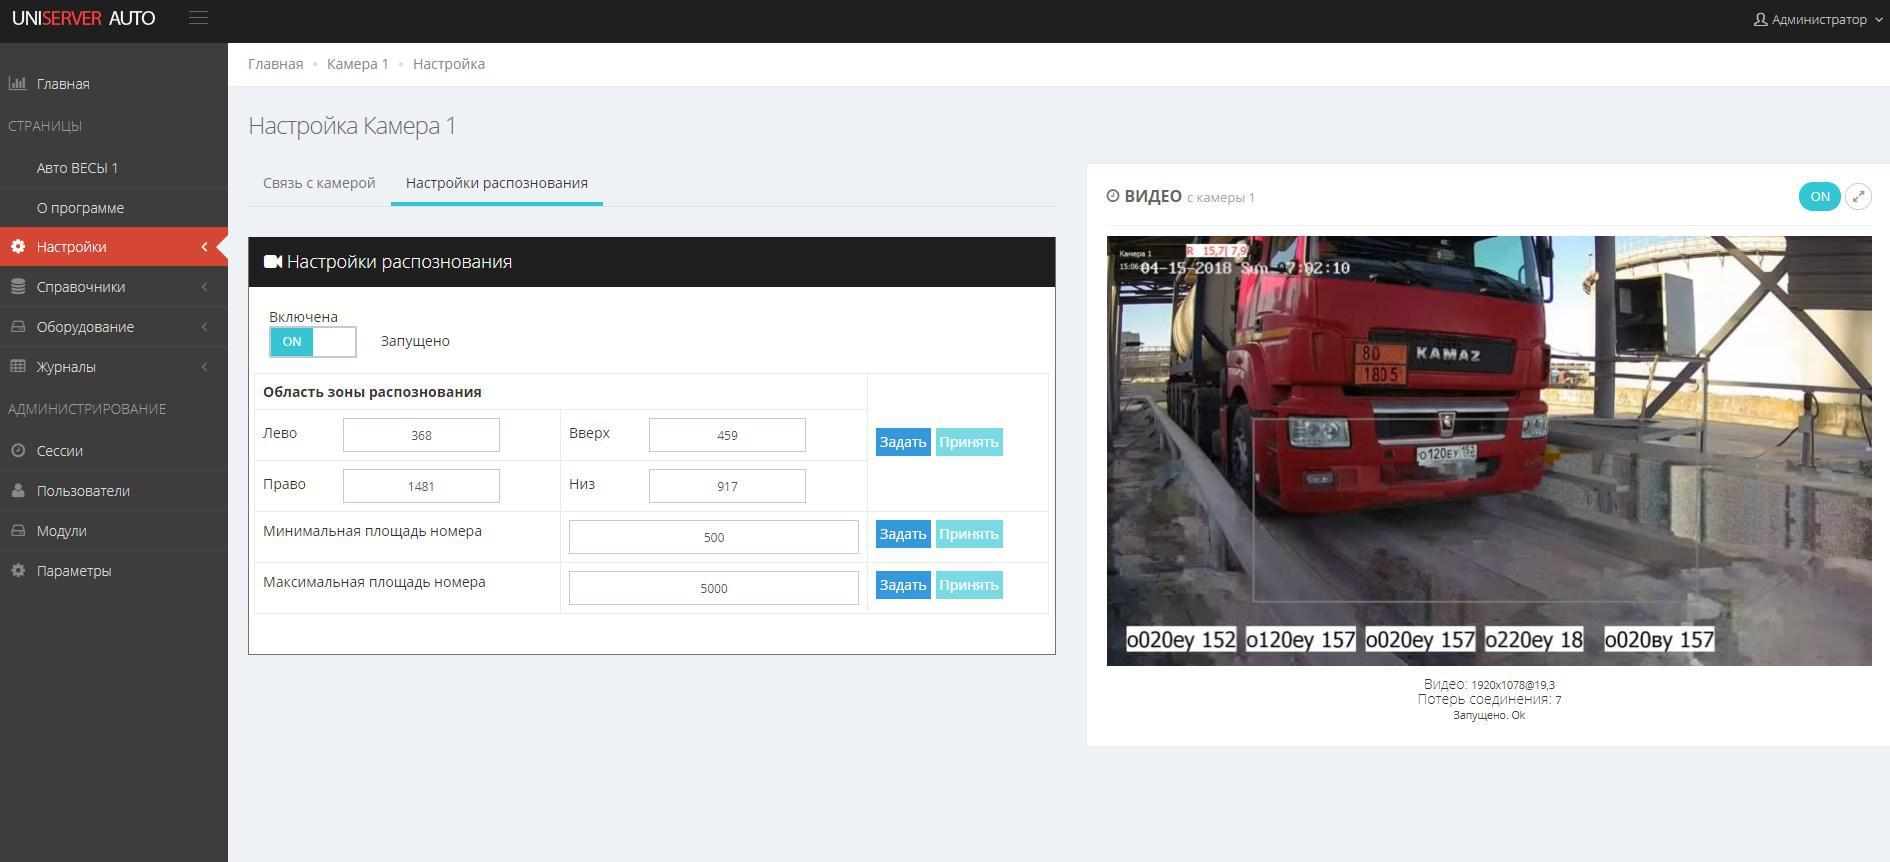 Сервер распознавания автомобильных номеров UniServer AUTO: Camera+Recognize